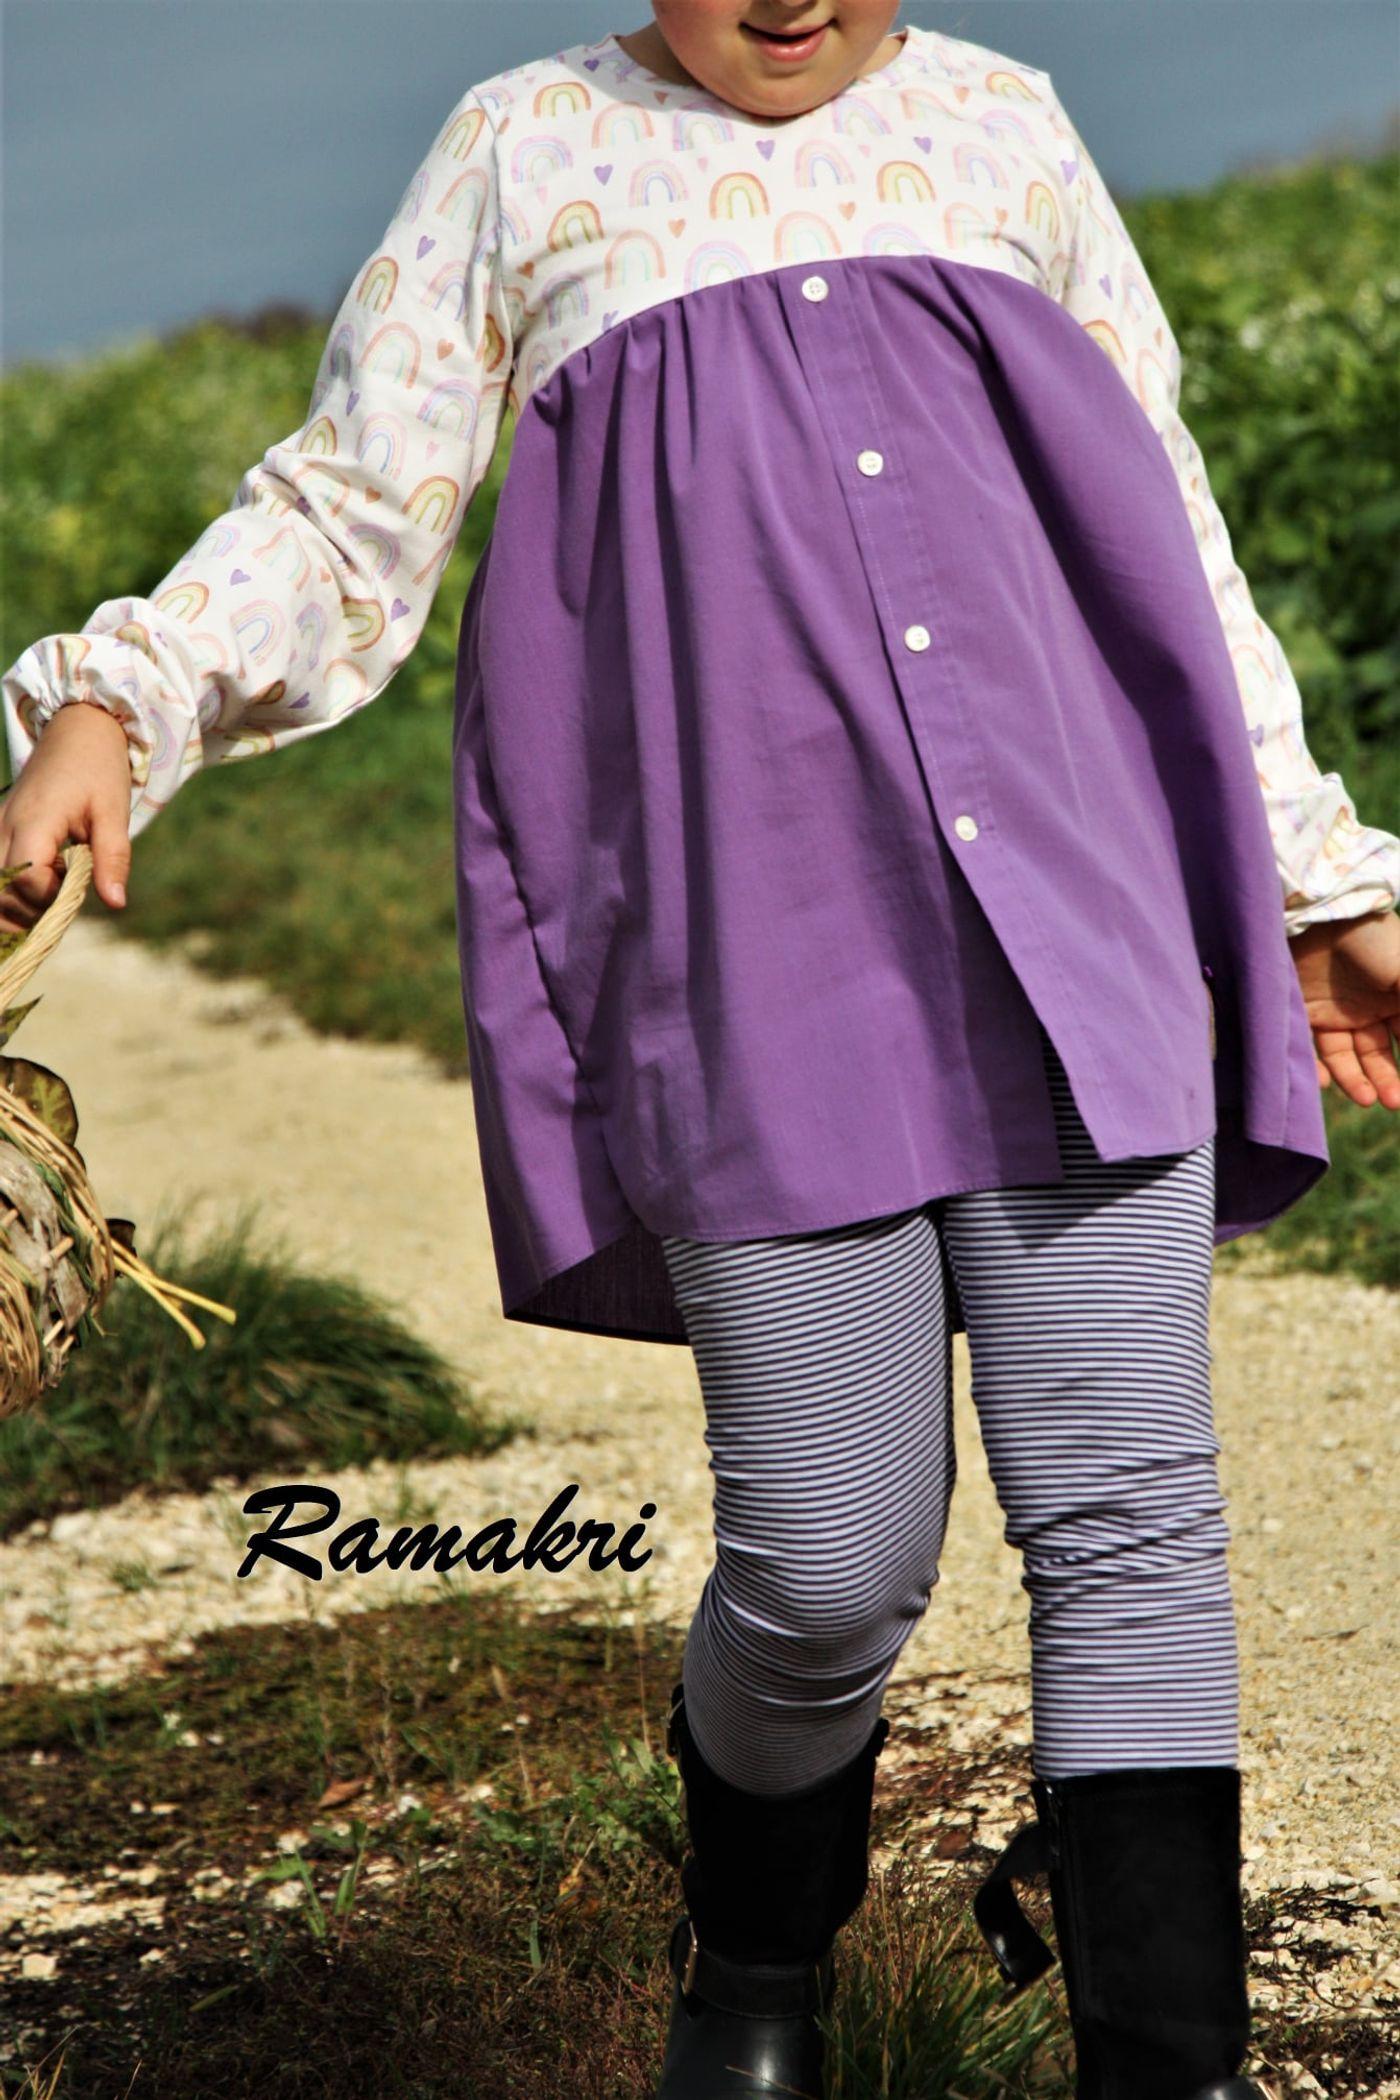 Produktfoto 15 von Happy Pearl für Schnittmuster Little Keyla + Happy Keyla - Tunika und 43cm Puppenschnitt